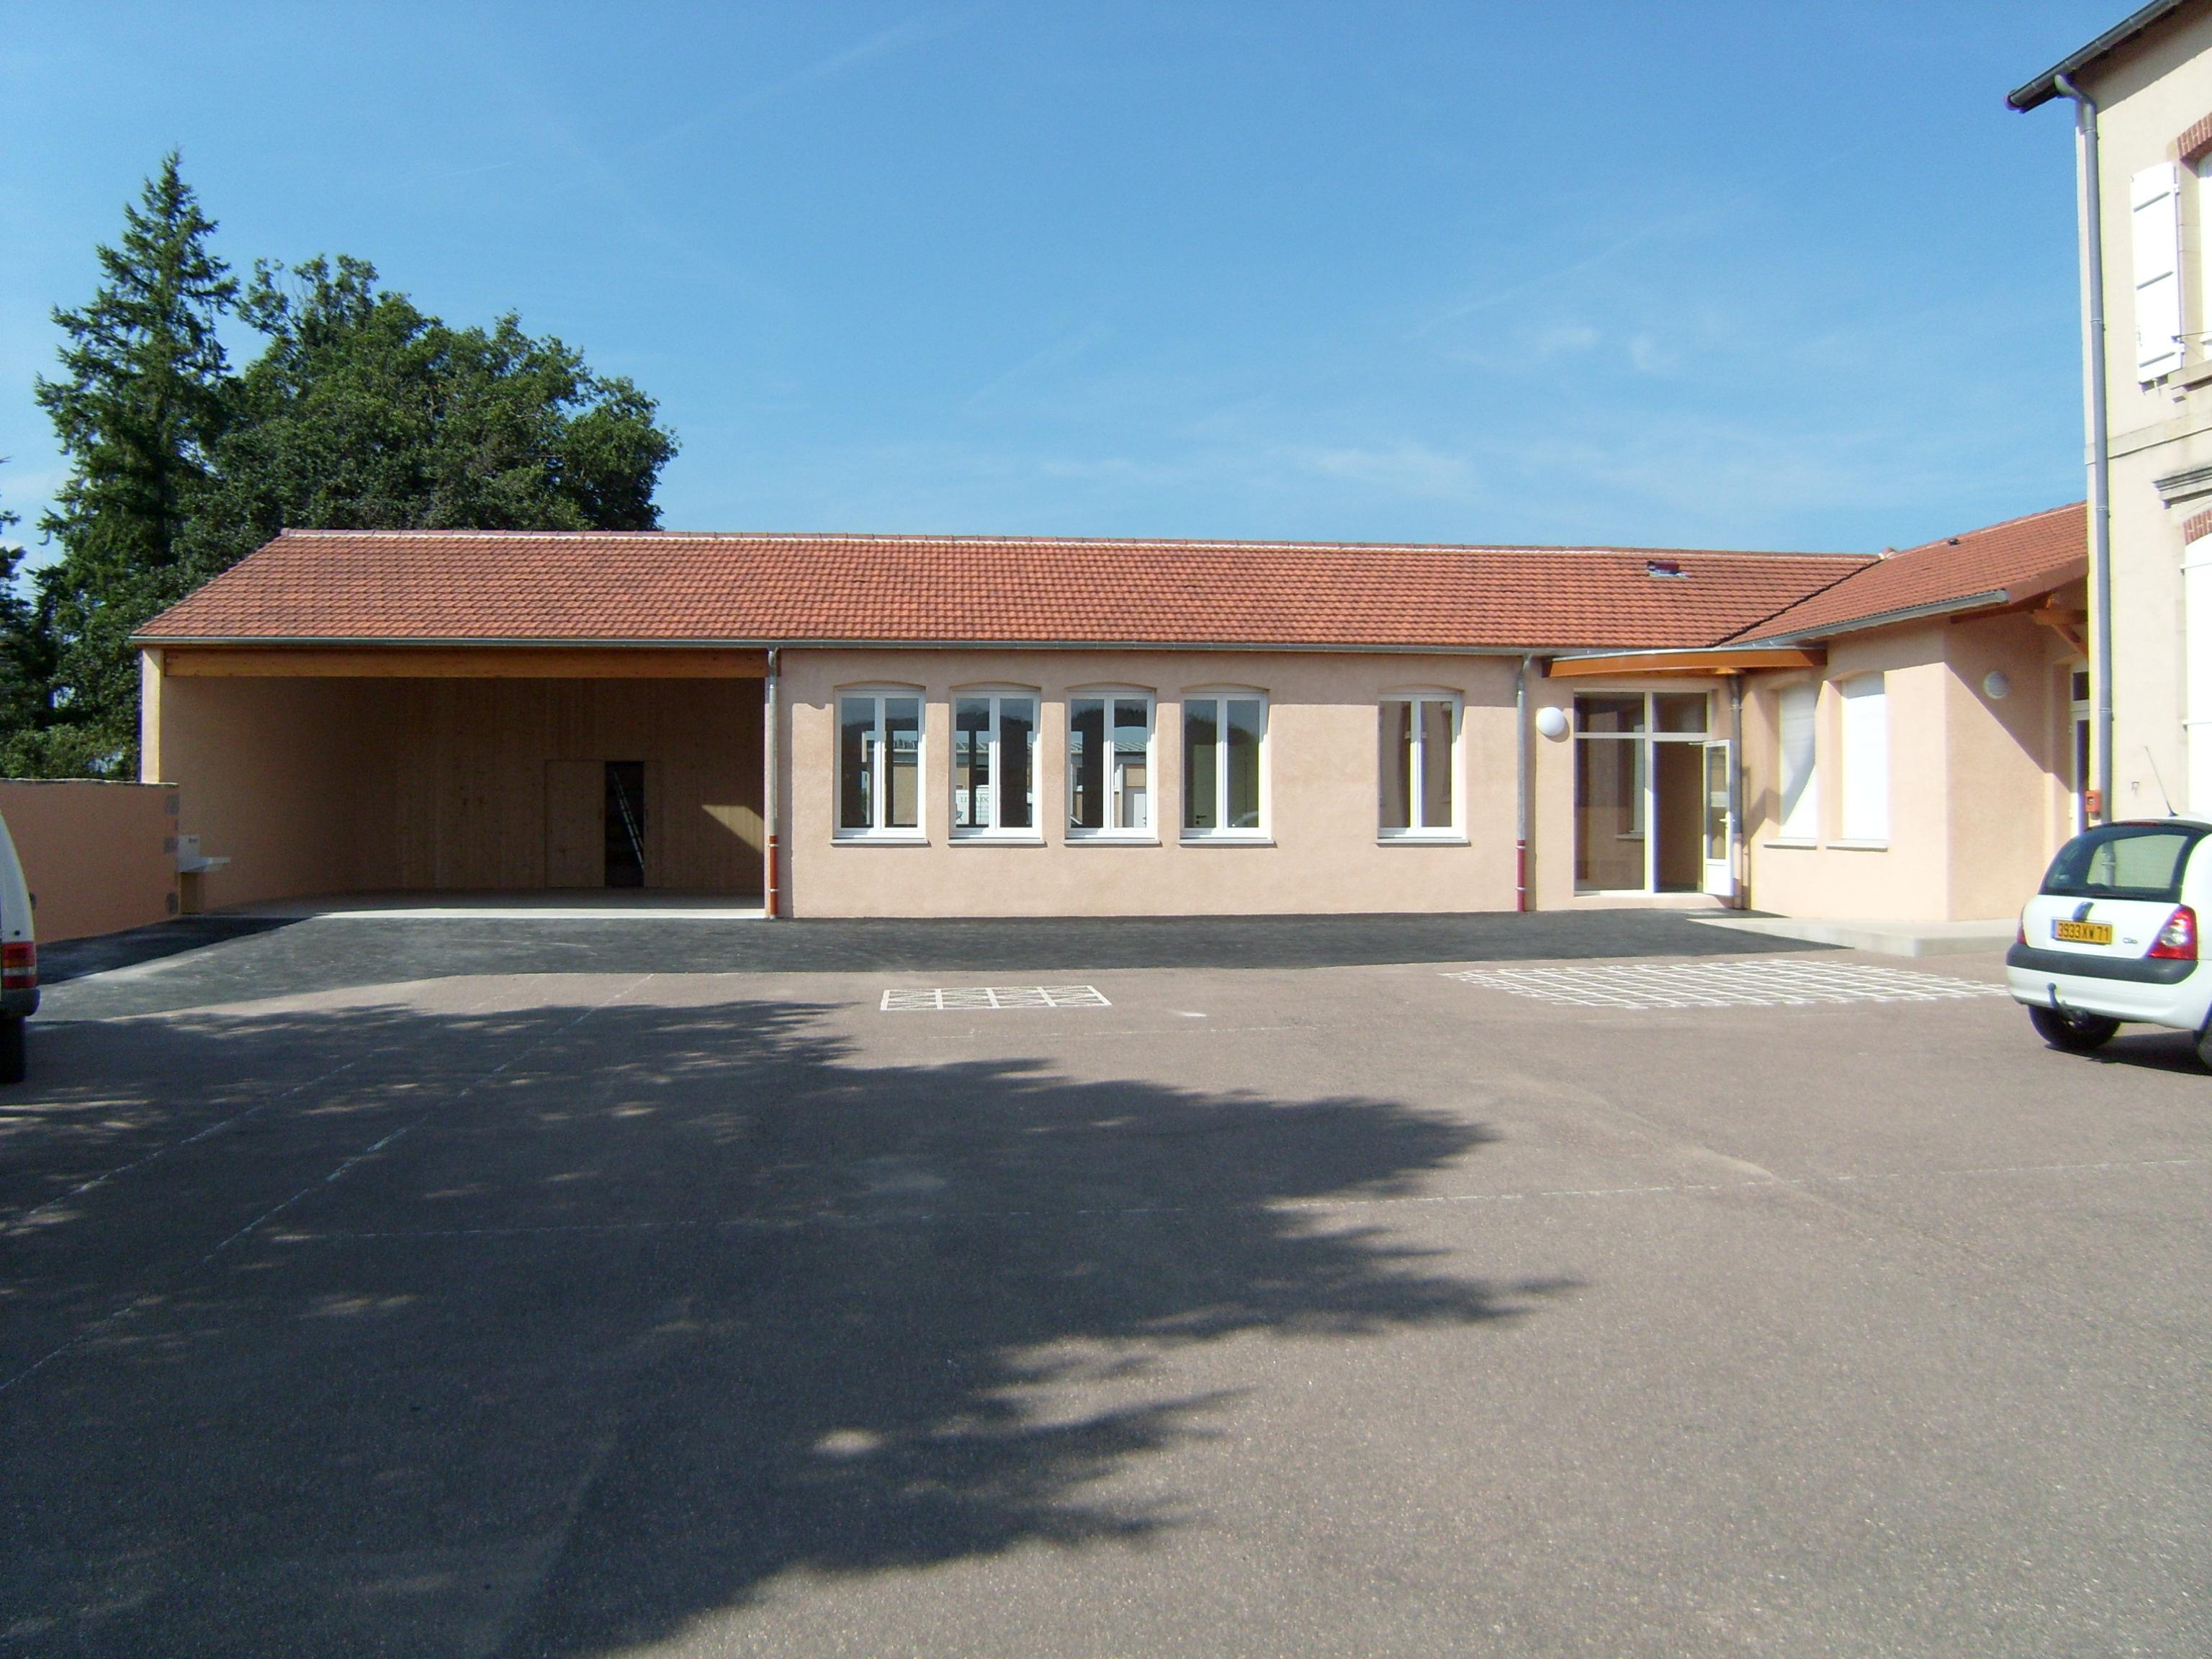 Ecole publique Verosvres (71)